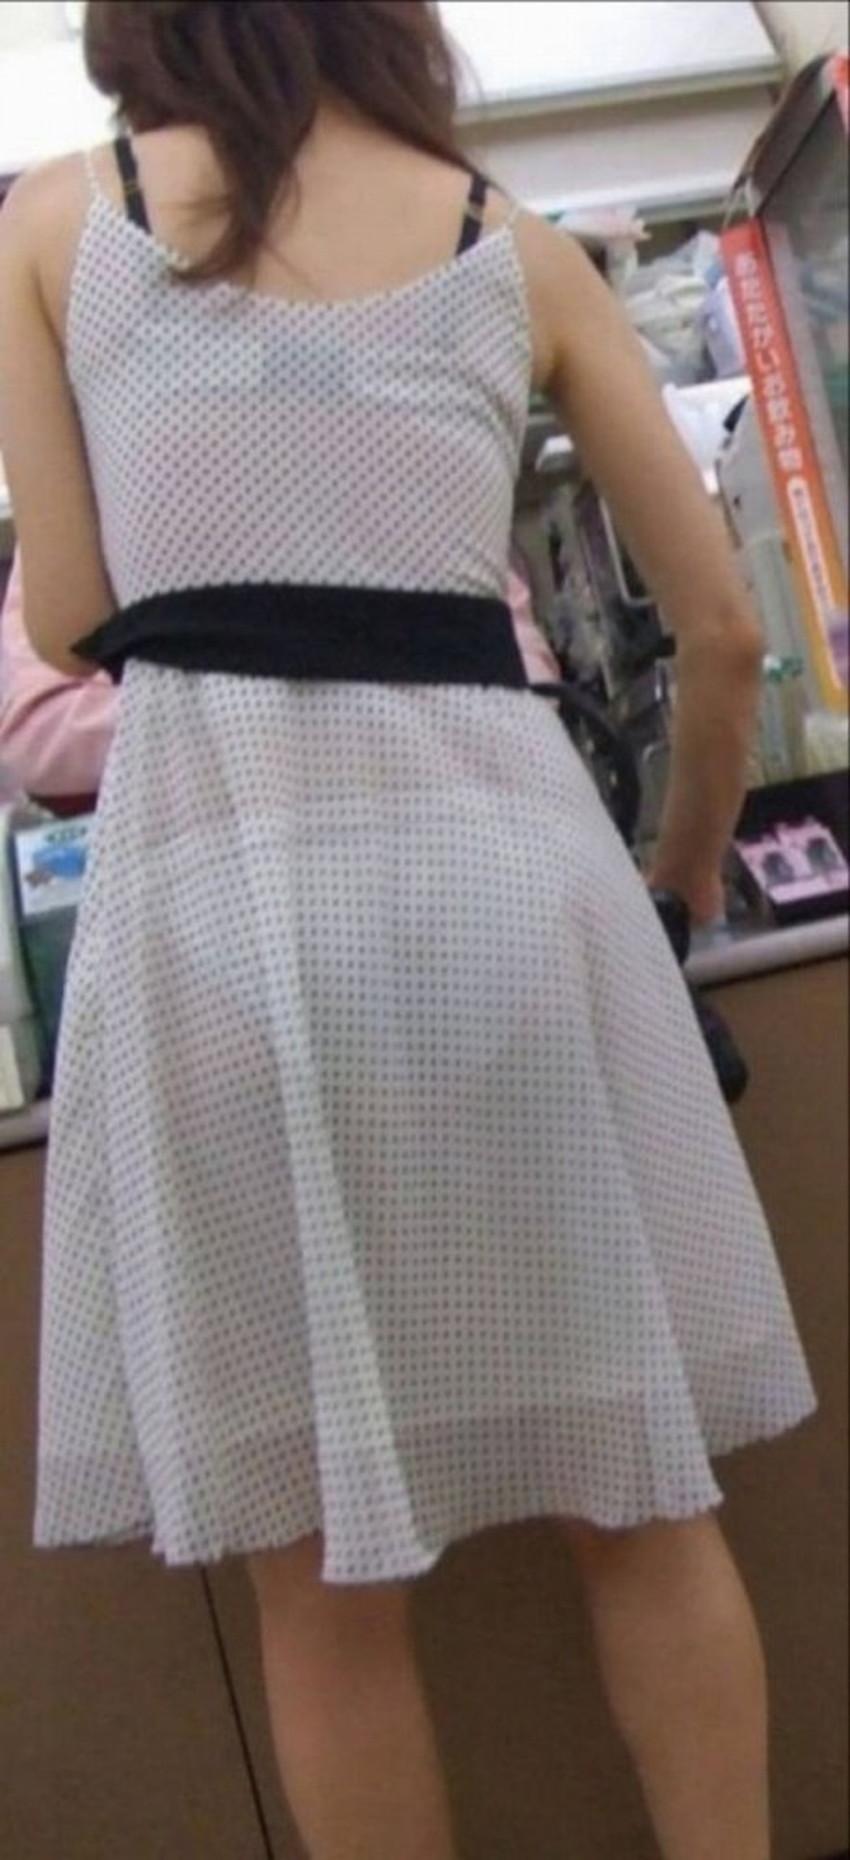 【透けパンツエロ画像】清楚なお嬢さんのスカートやズボンからパンティーが透けて丸見えよりも卑猥に見える透けパンツのエロ画像集!ww【80枚】 48